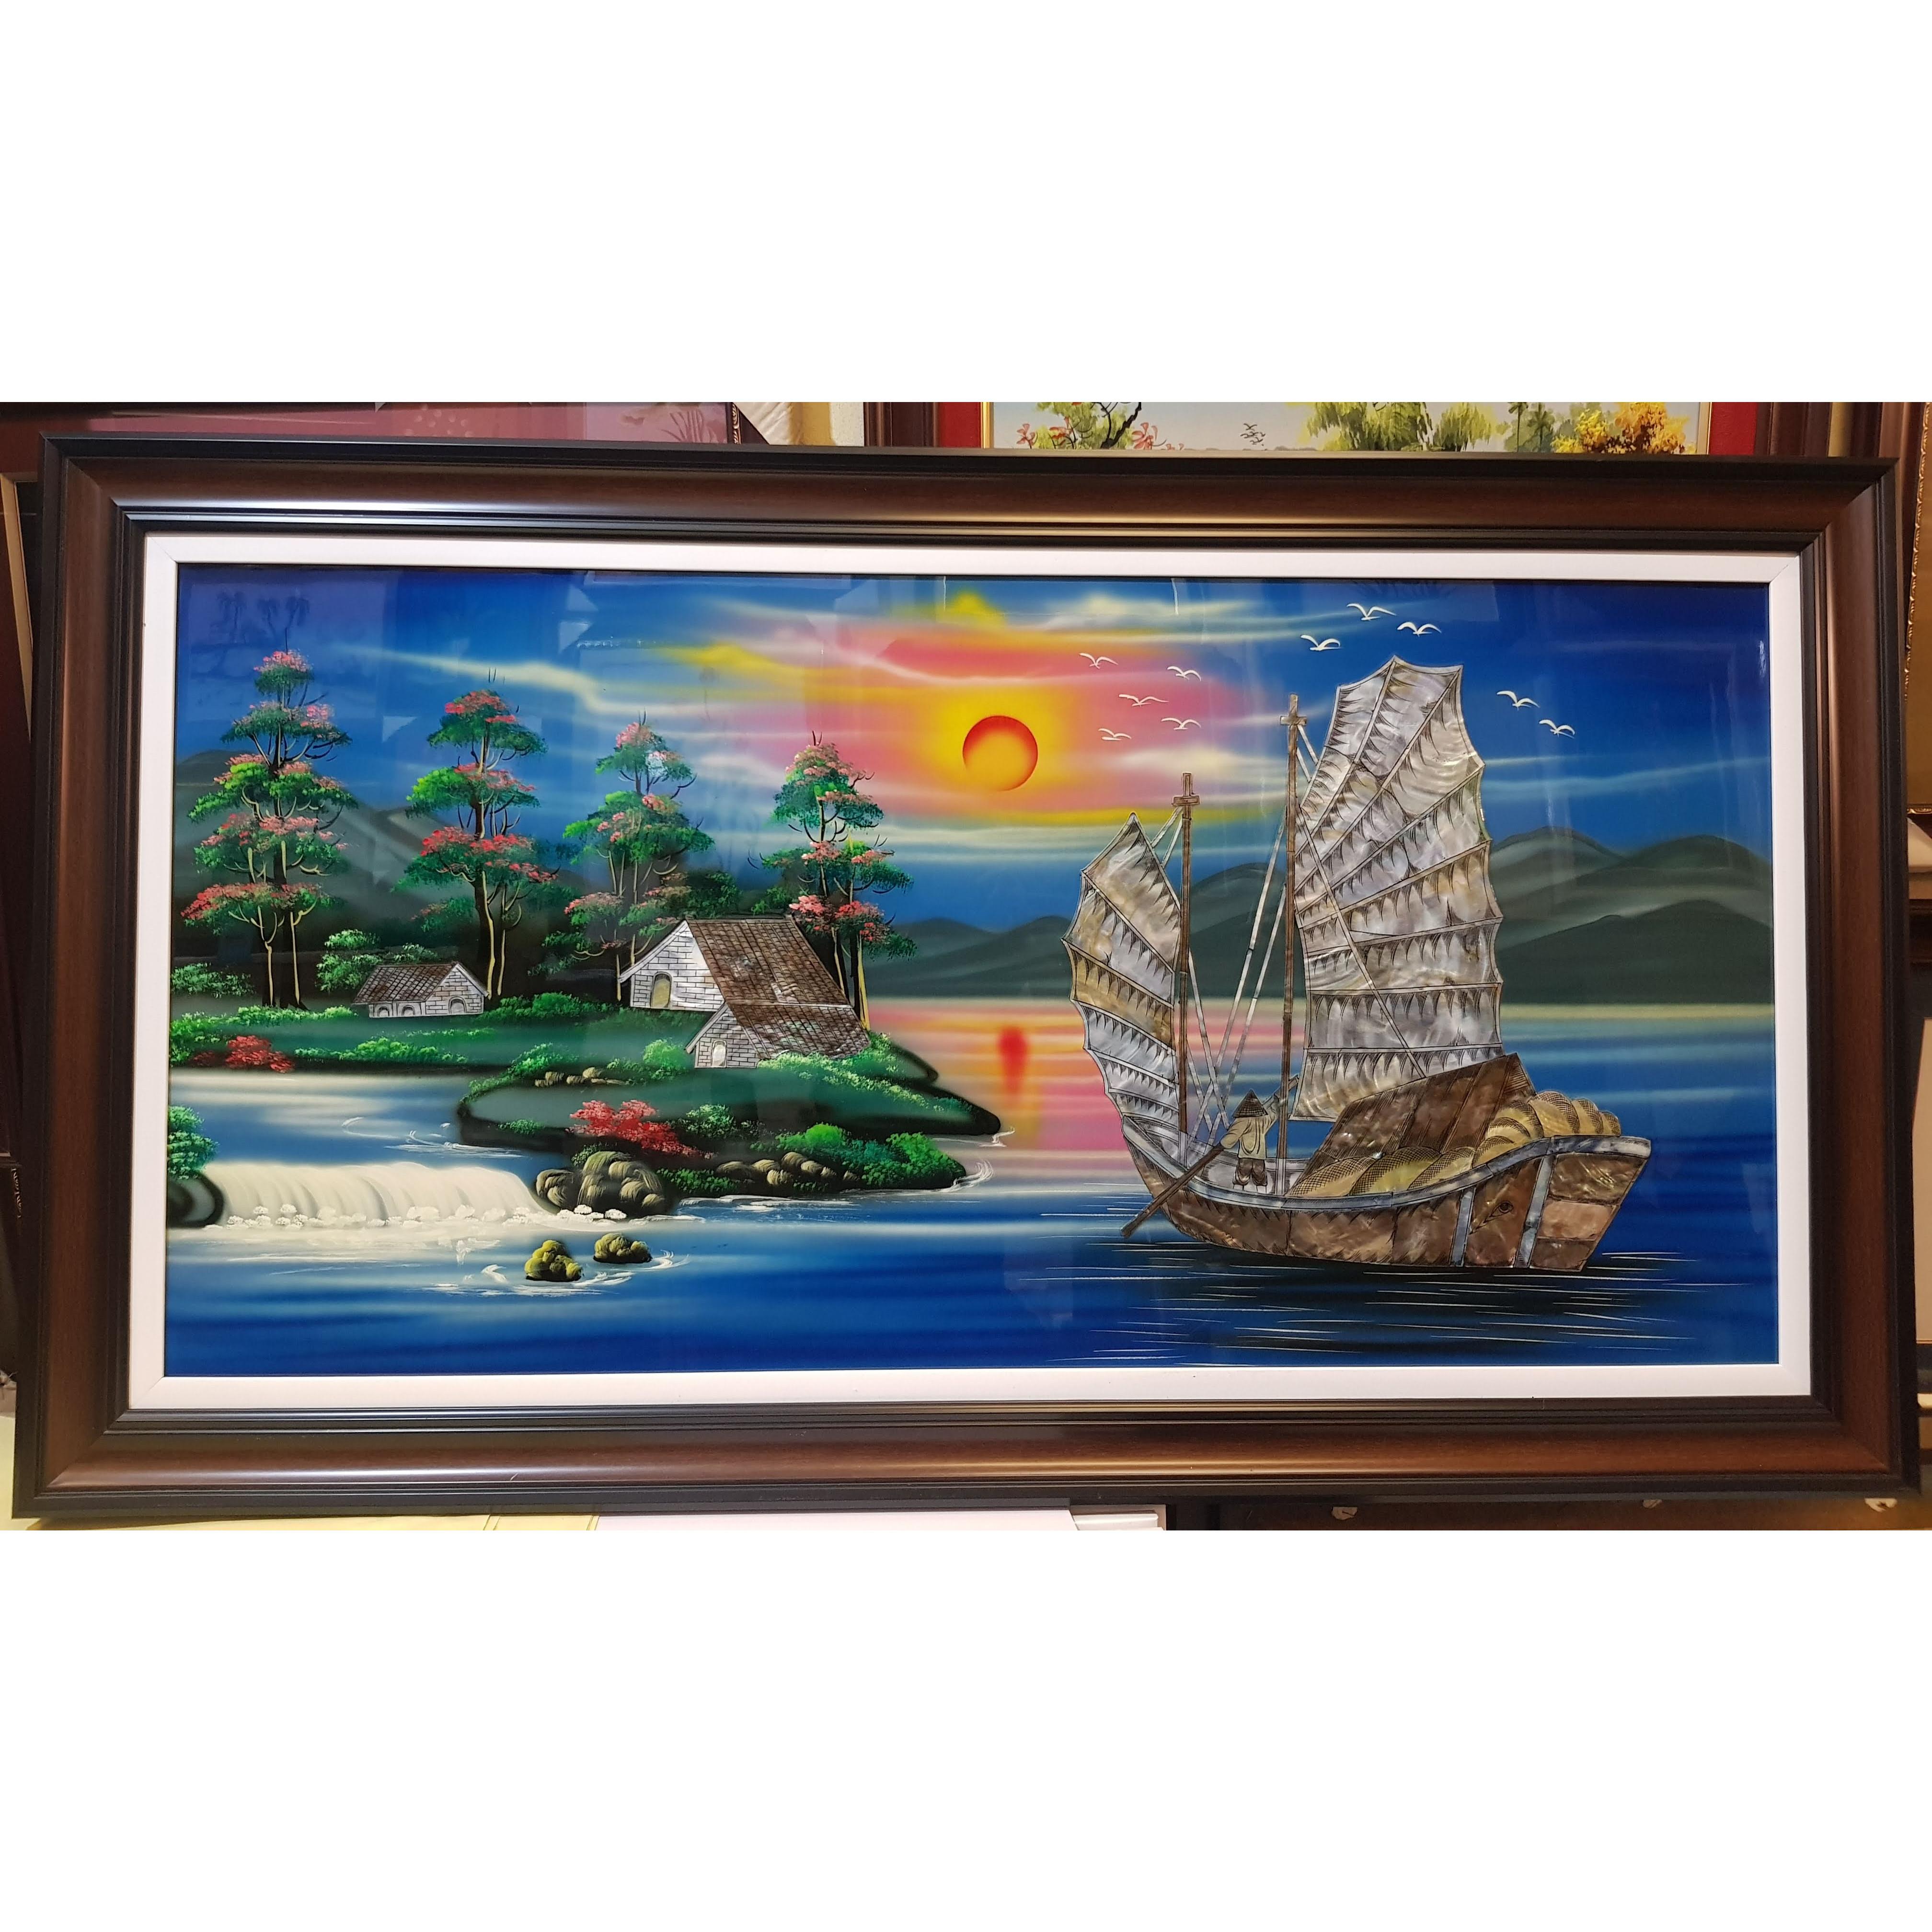 Tranh sơn mài khảm trai, Thuận Buồm Xuôi Gió -Thuyền Buồm ra Khơi -SM307